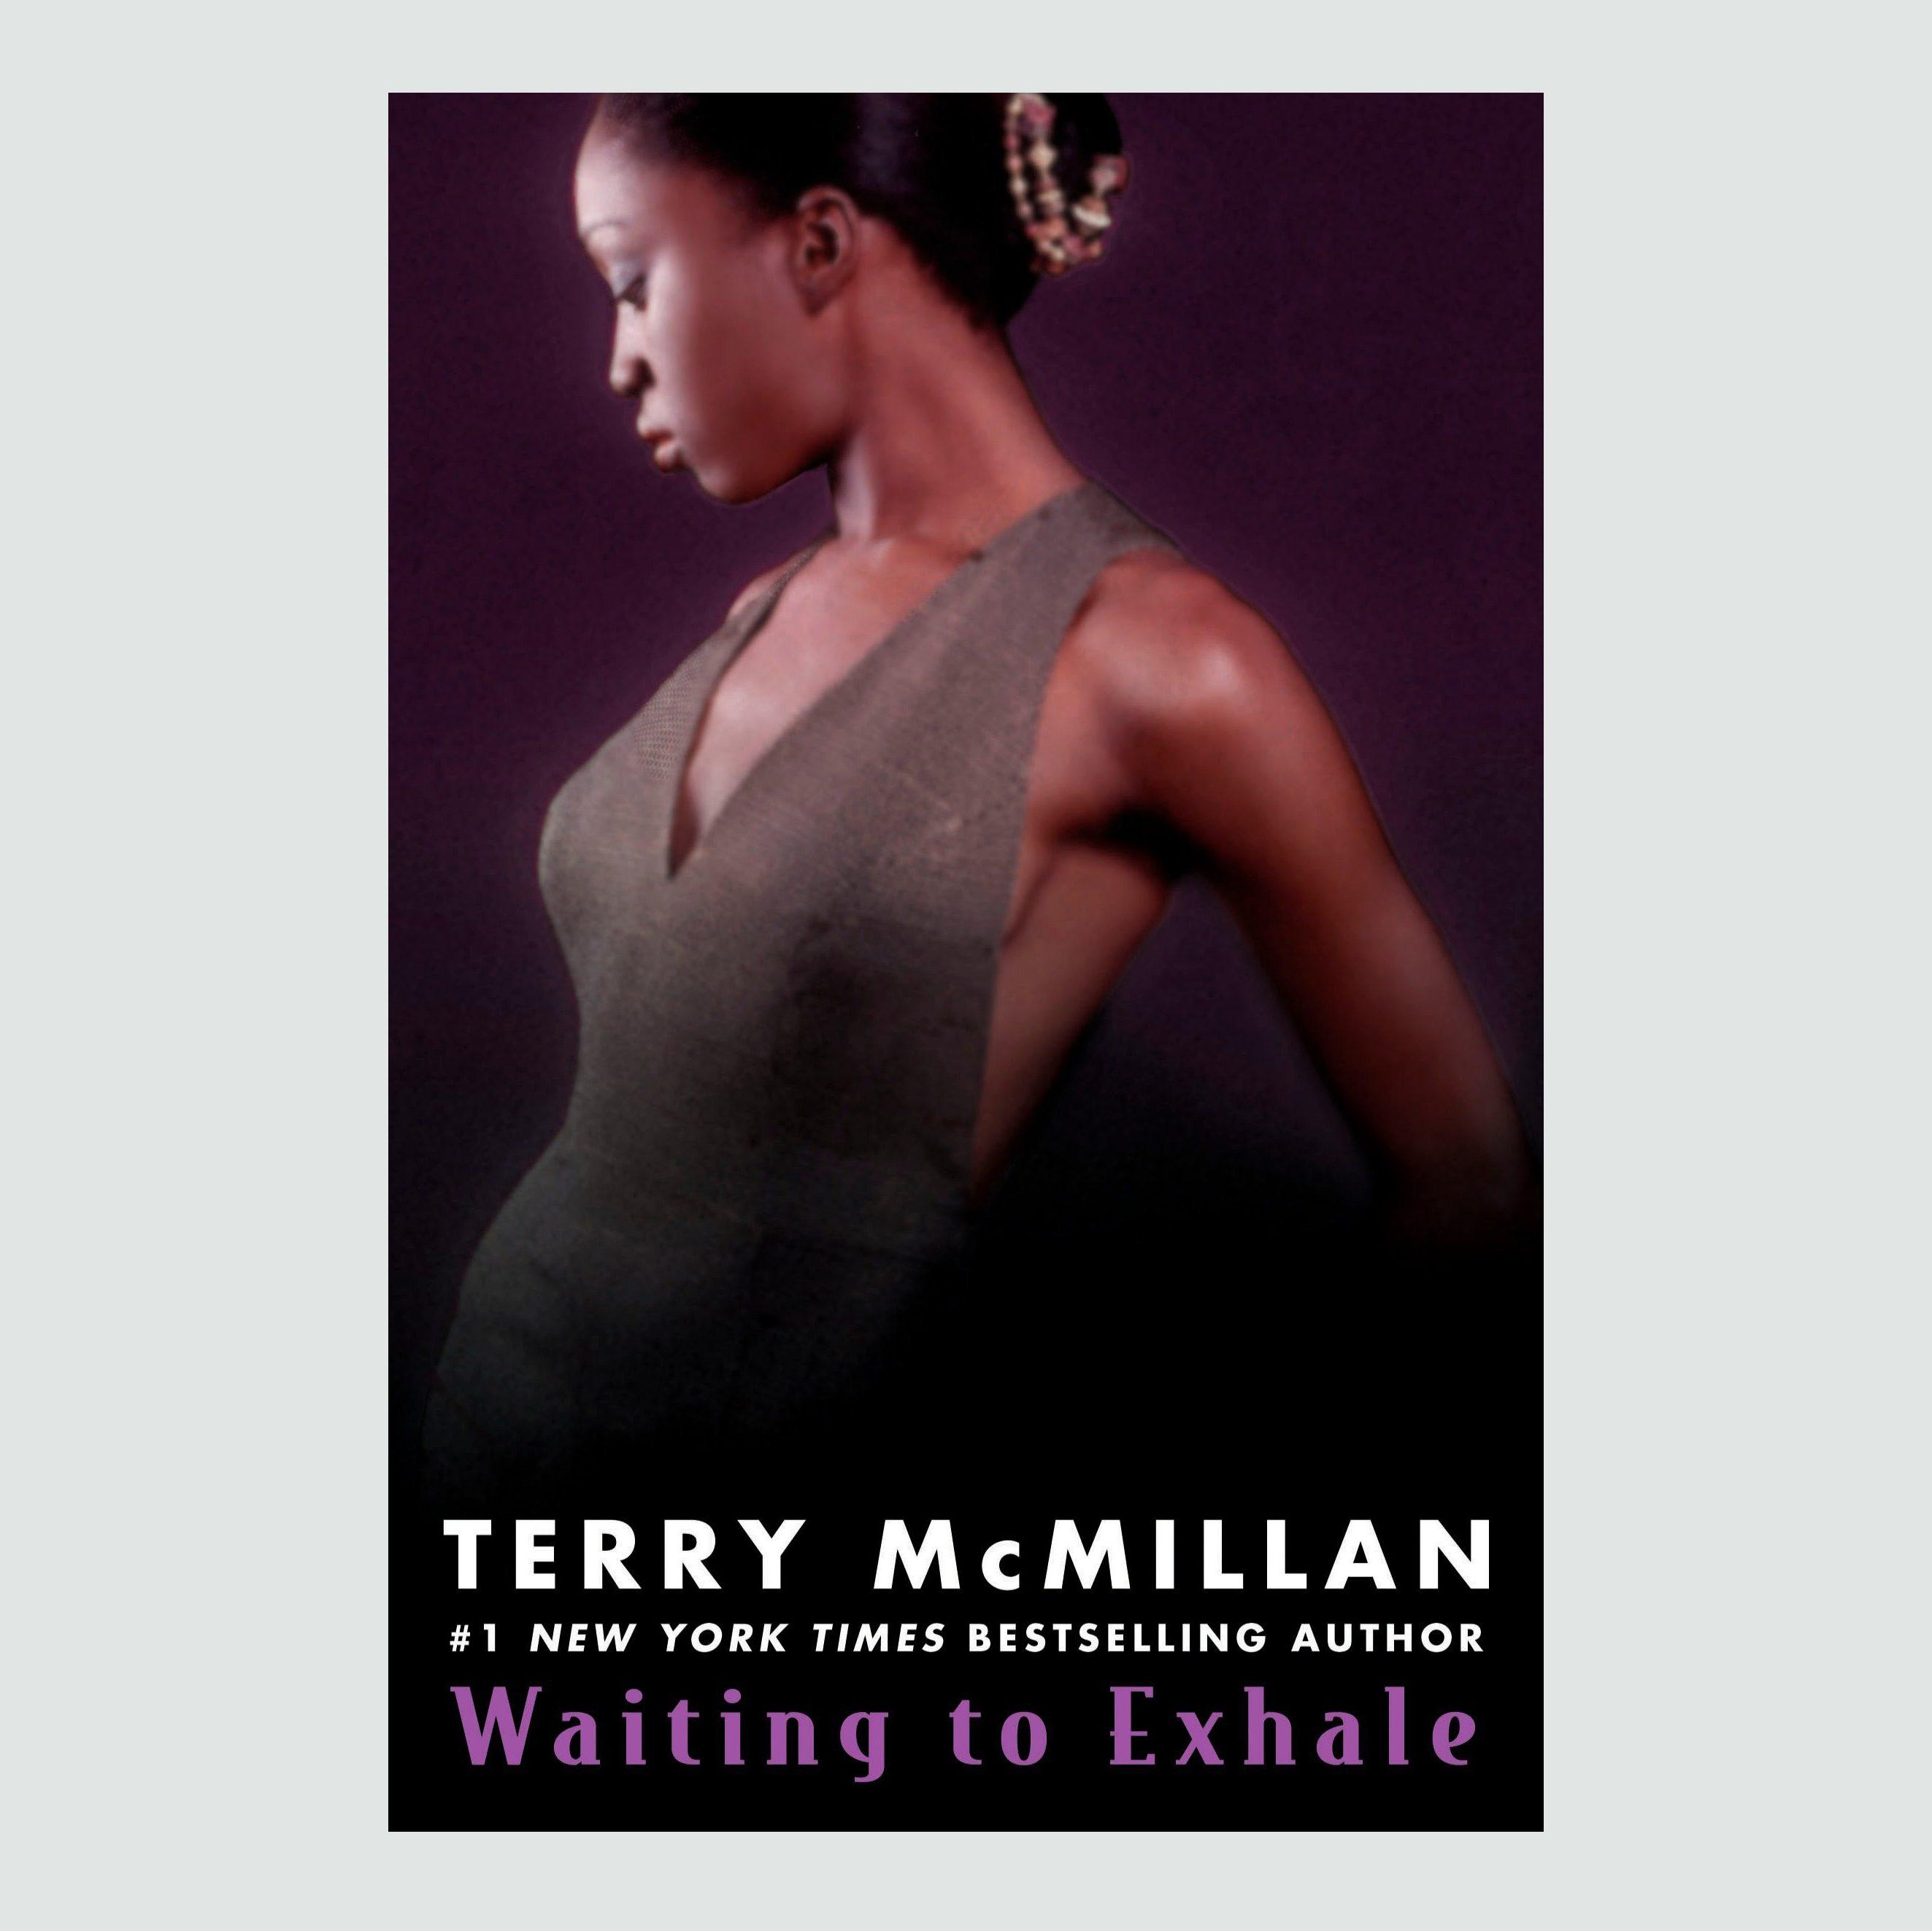 Terry McMillan author